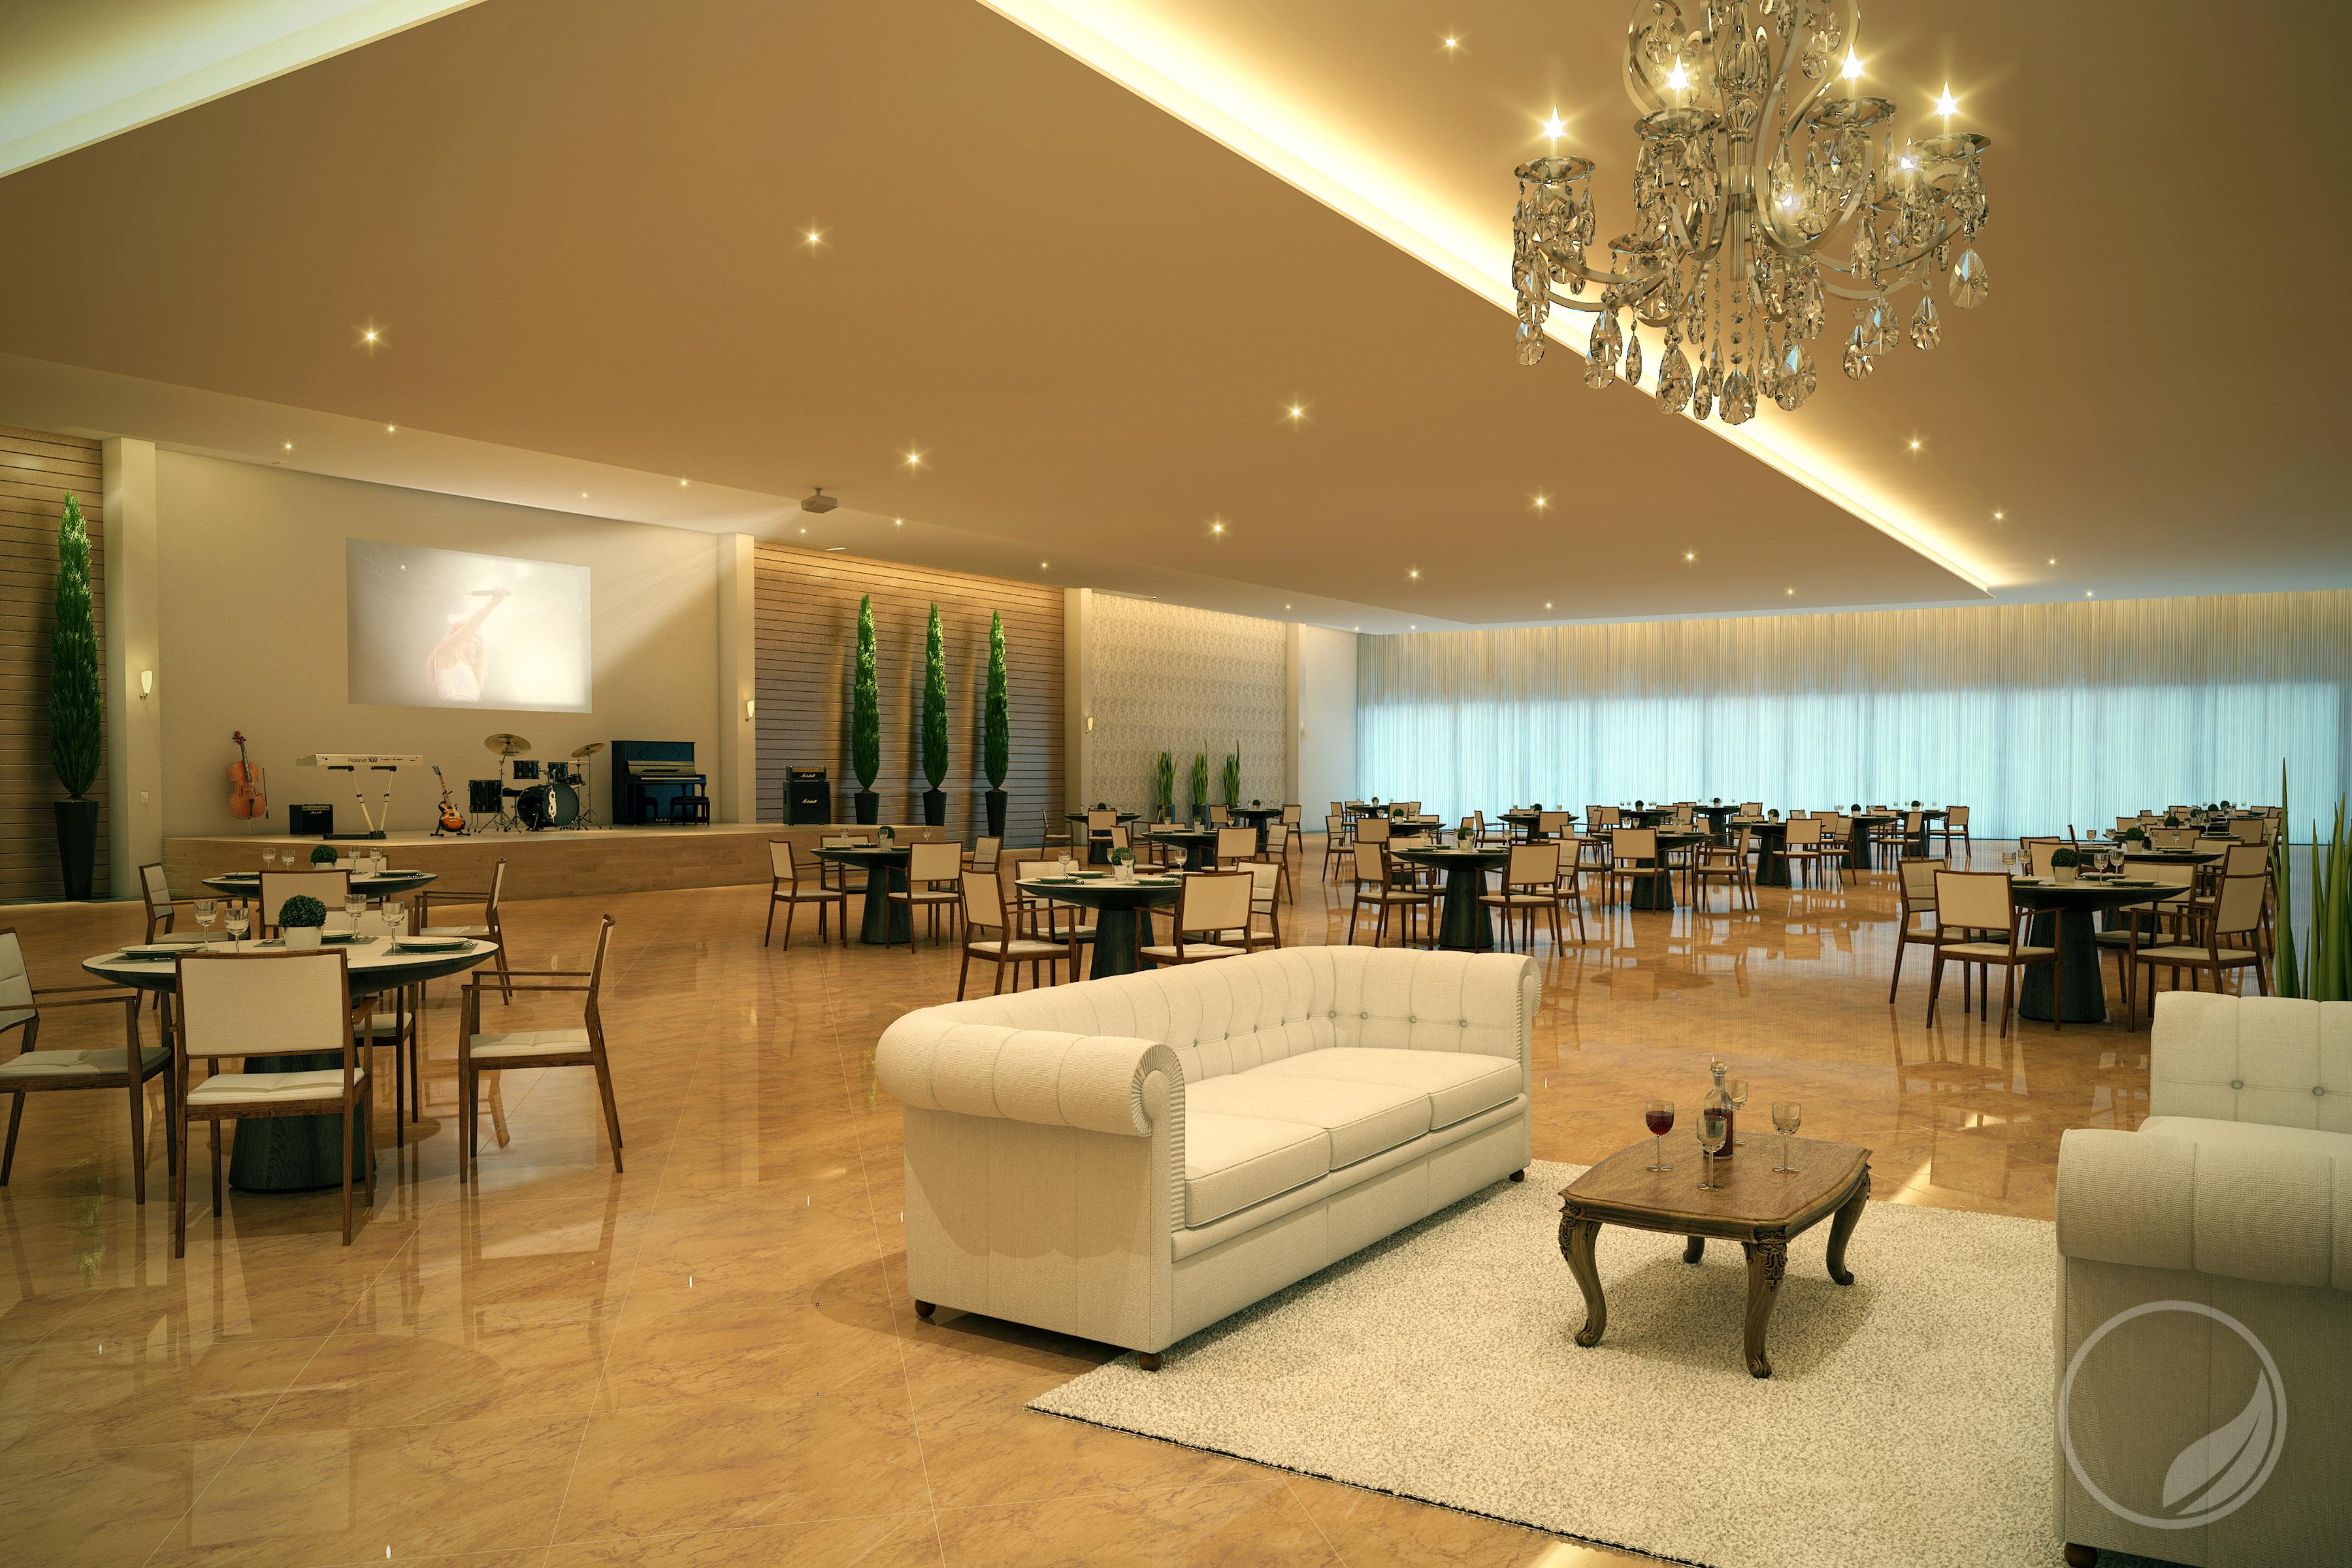 Salão   Projeto de um salão de festas com arquitetura moderna. Prime Arquitetura